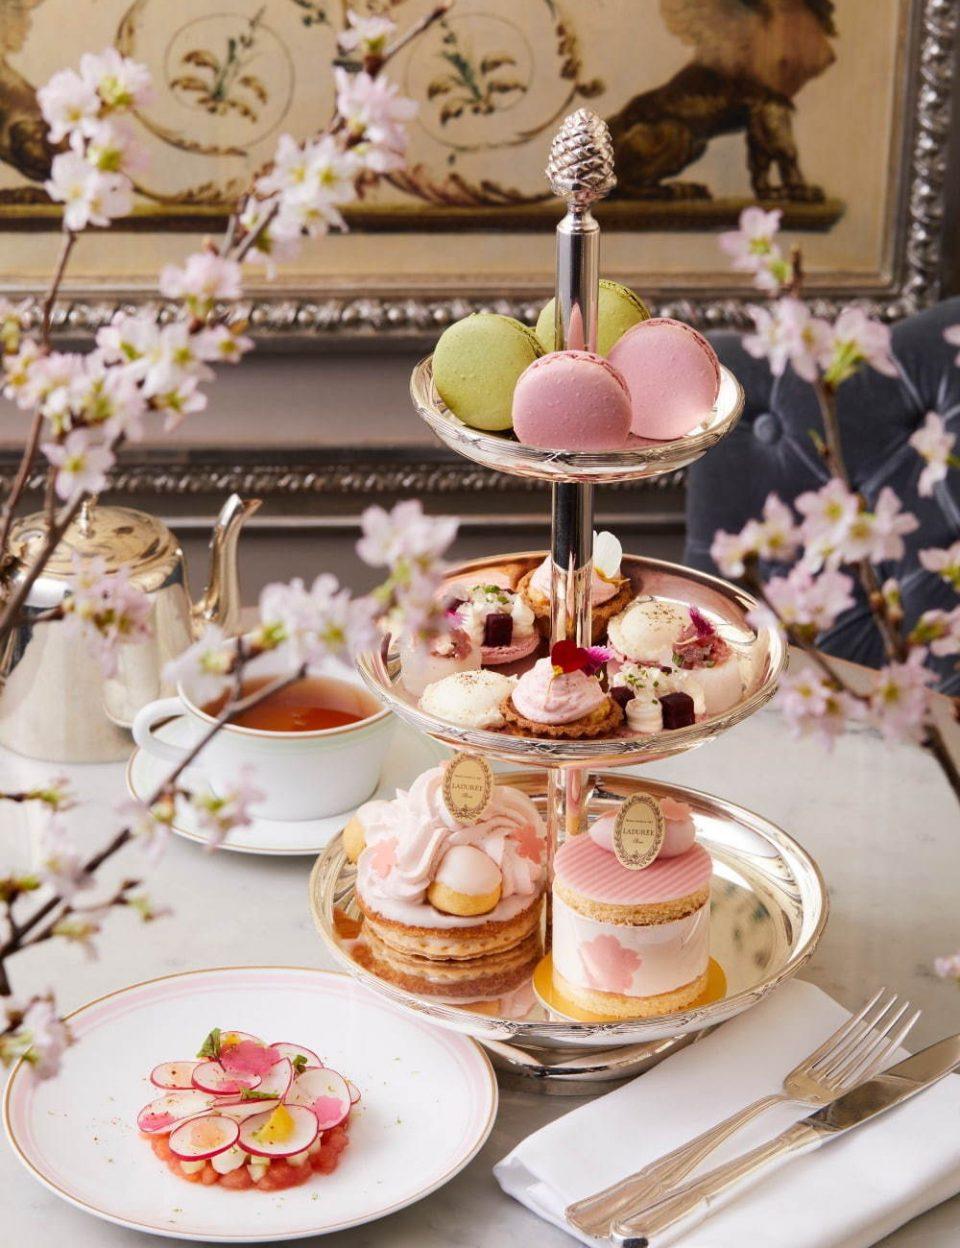 ラデュレの桜スイーツと期間限定アフタヌーンティーで、うららかな春の訪れを祝う。